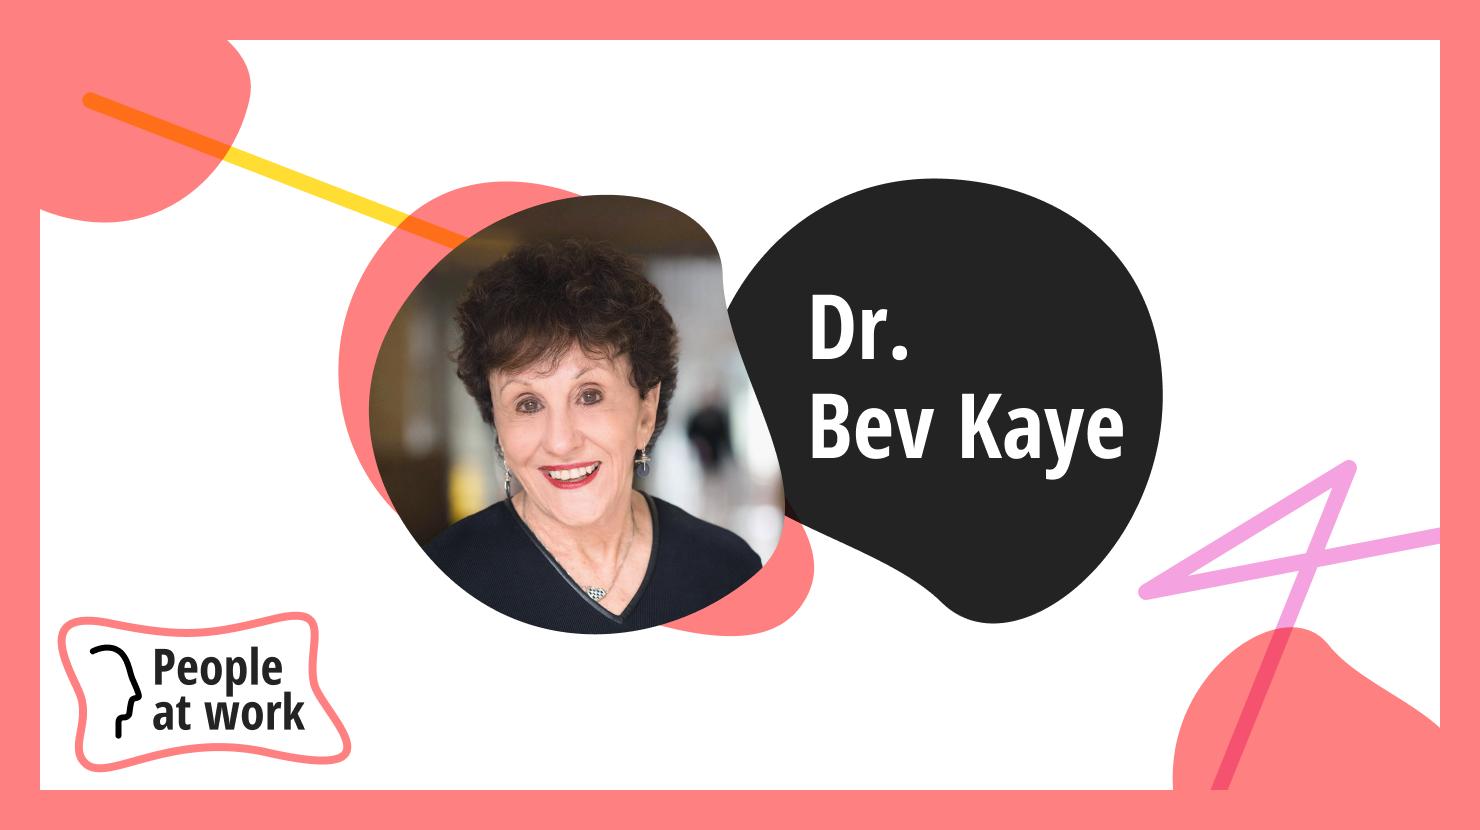 Are you prepared to love 'em or lose 'em asks Dr. Bev Kaye